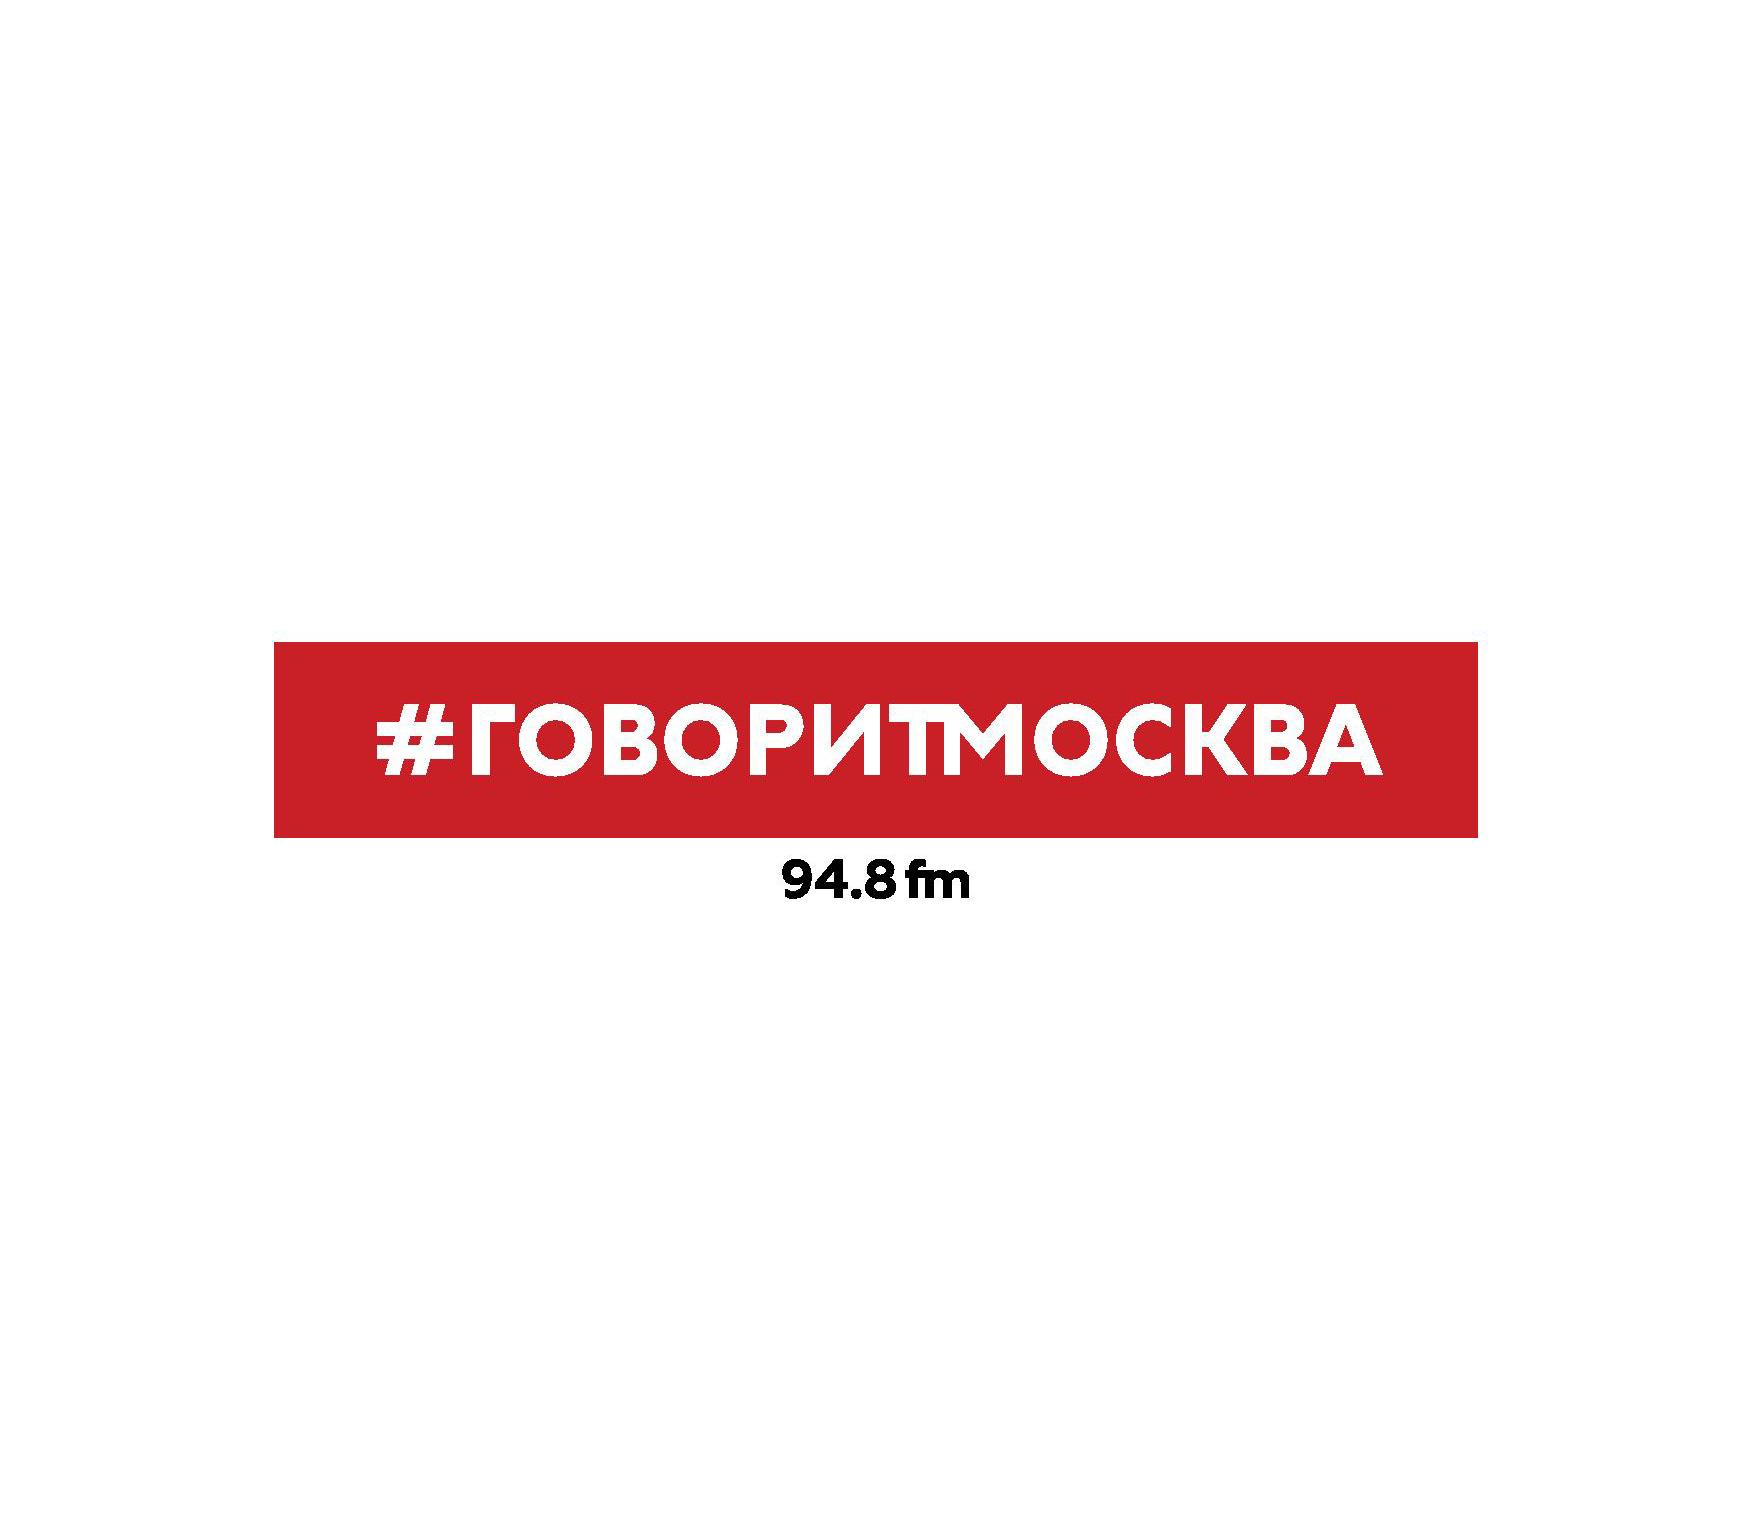 Макс Челноков 5 марта. Иосиф Пригожин